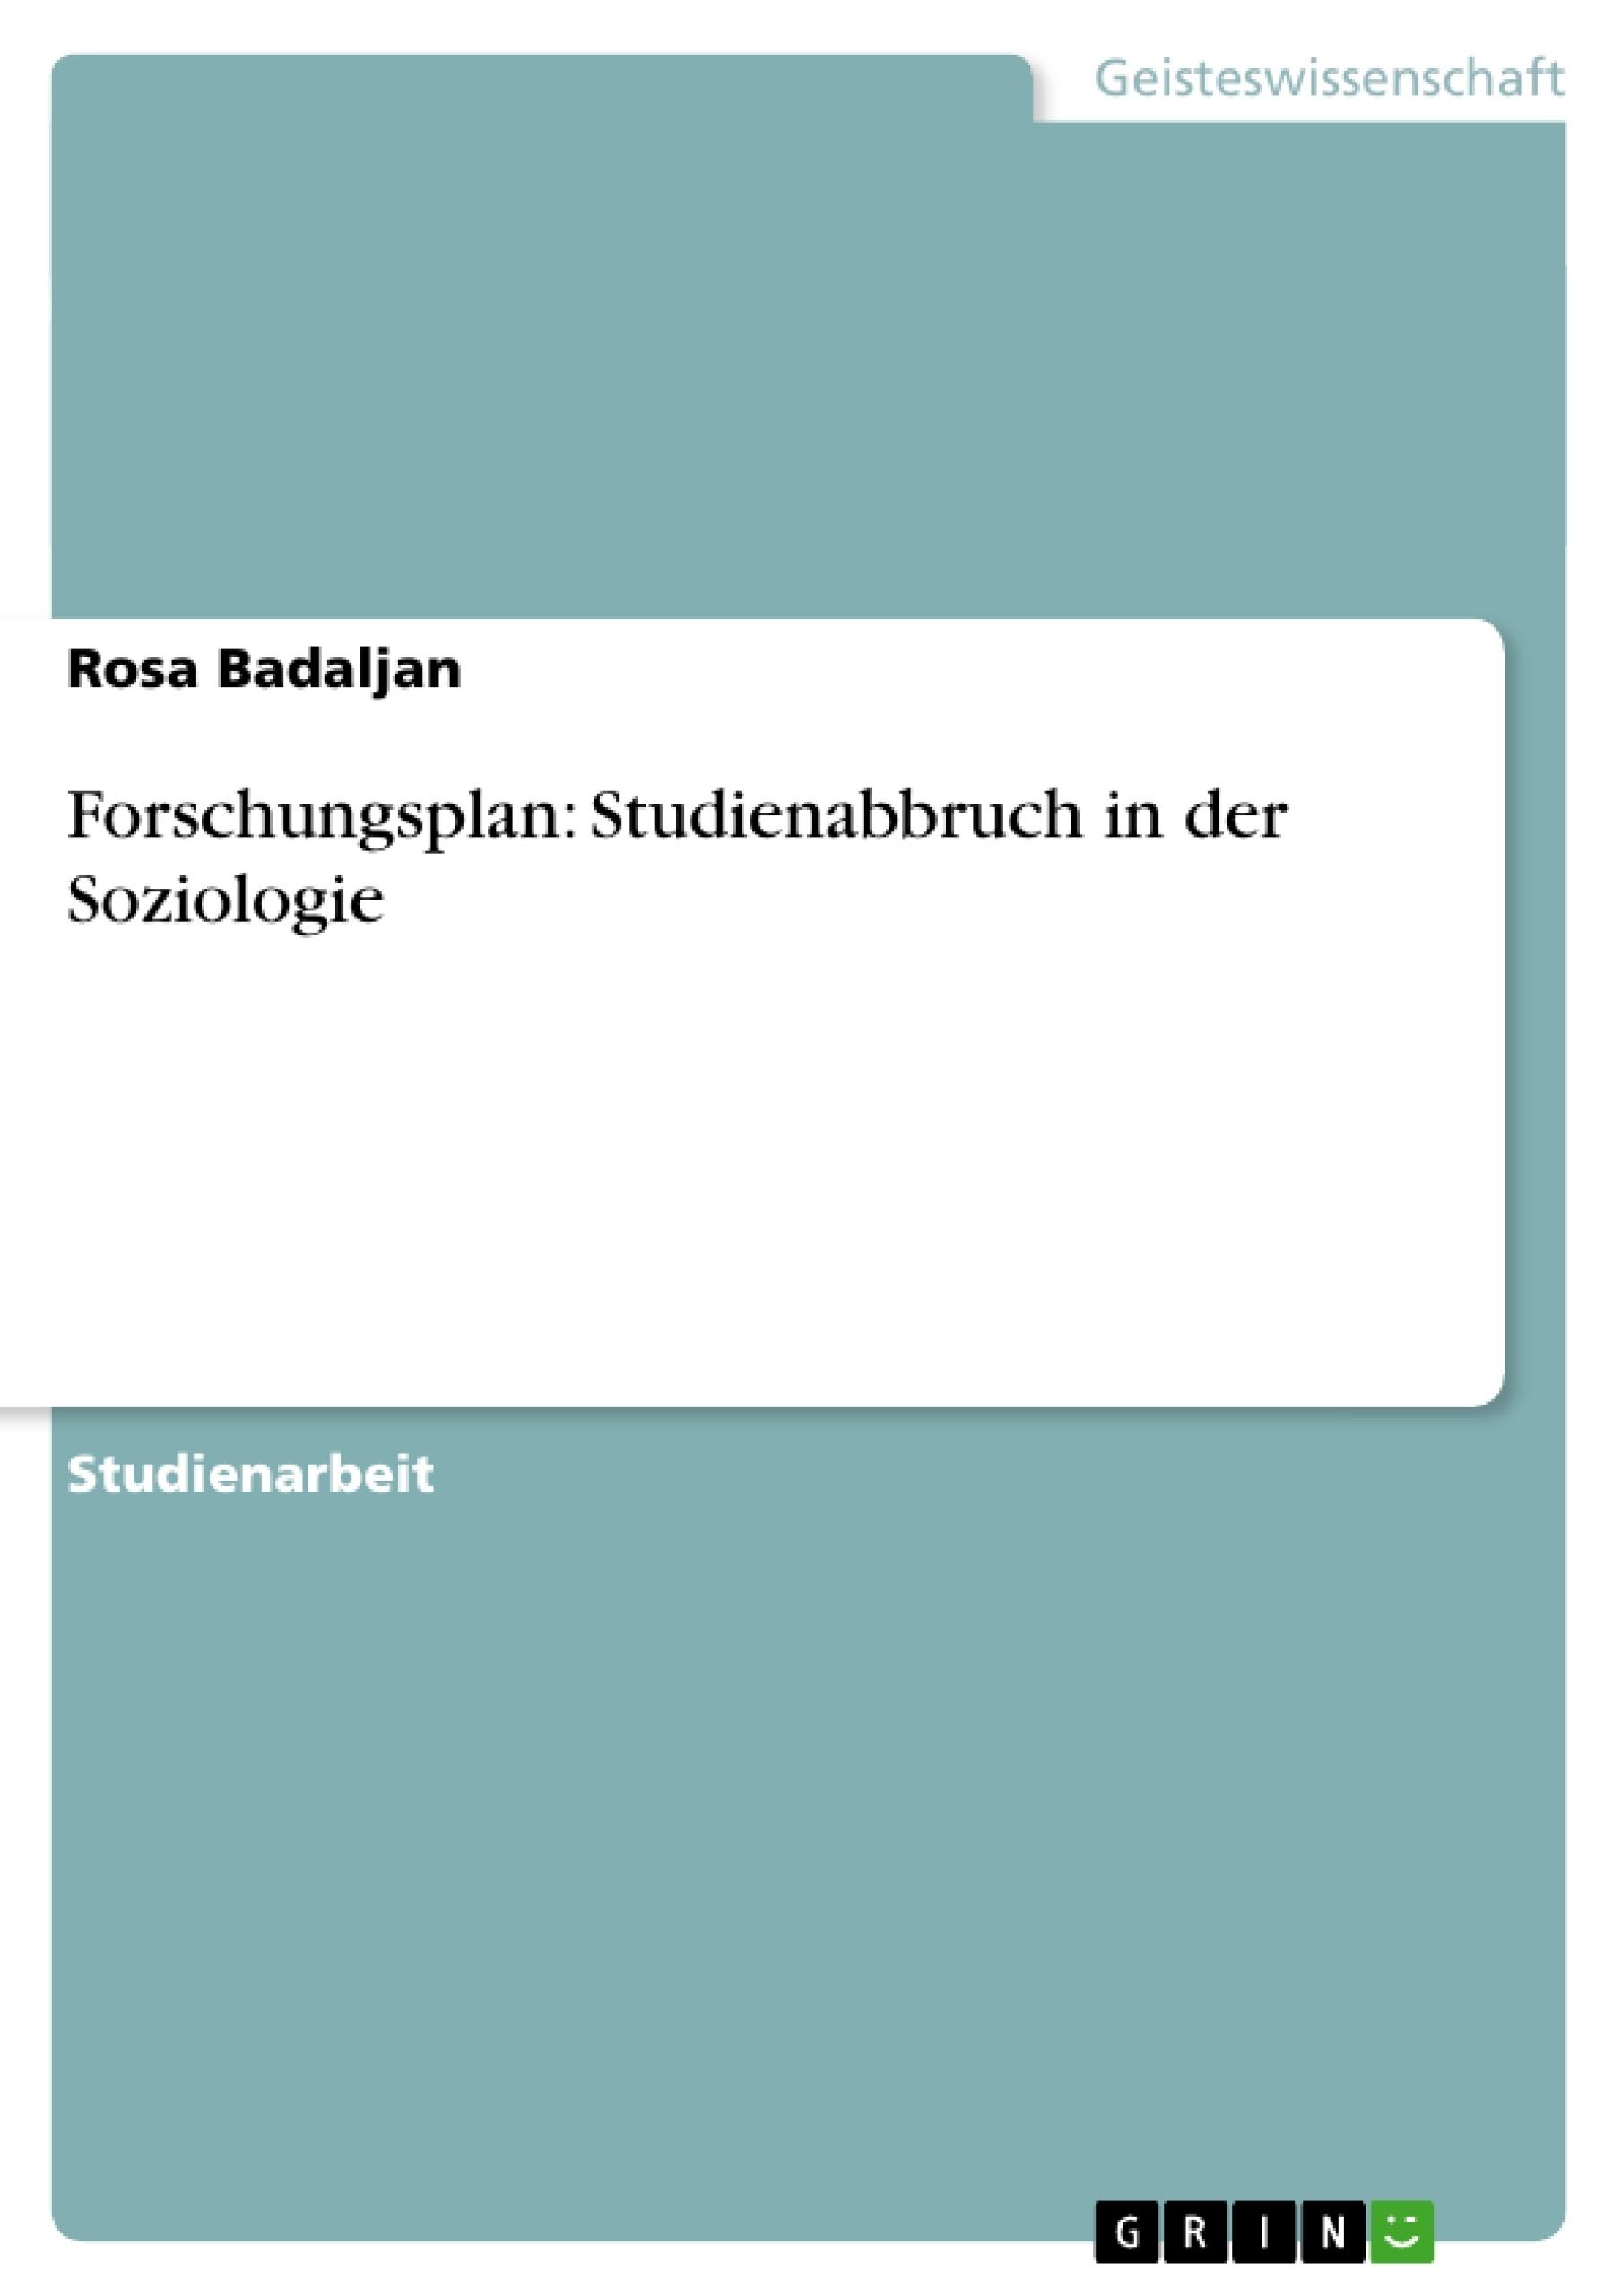 Titel: Forschungsplan: Studienabbruch in der Soziologie